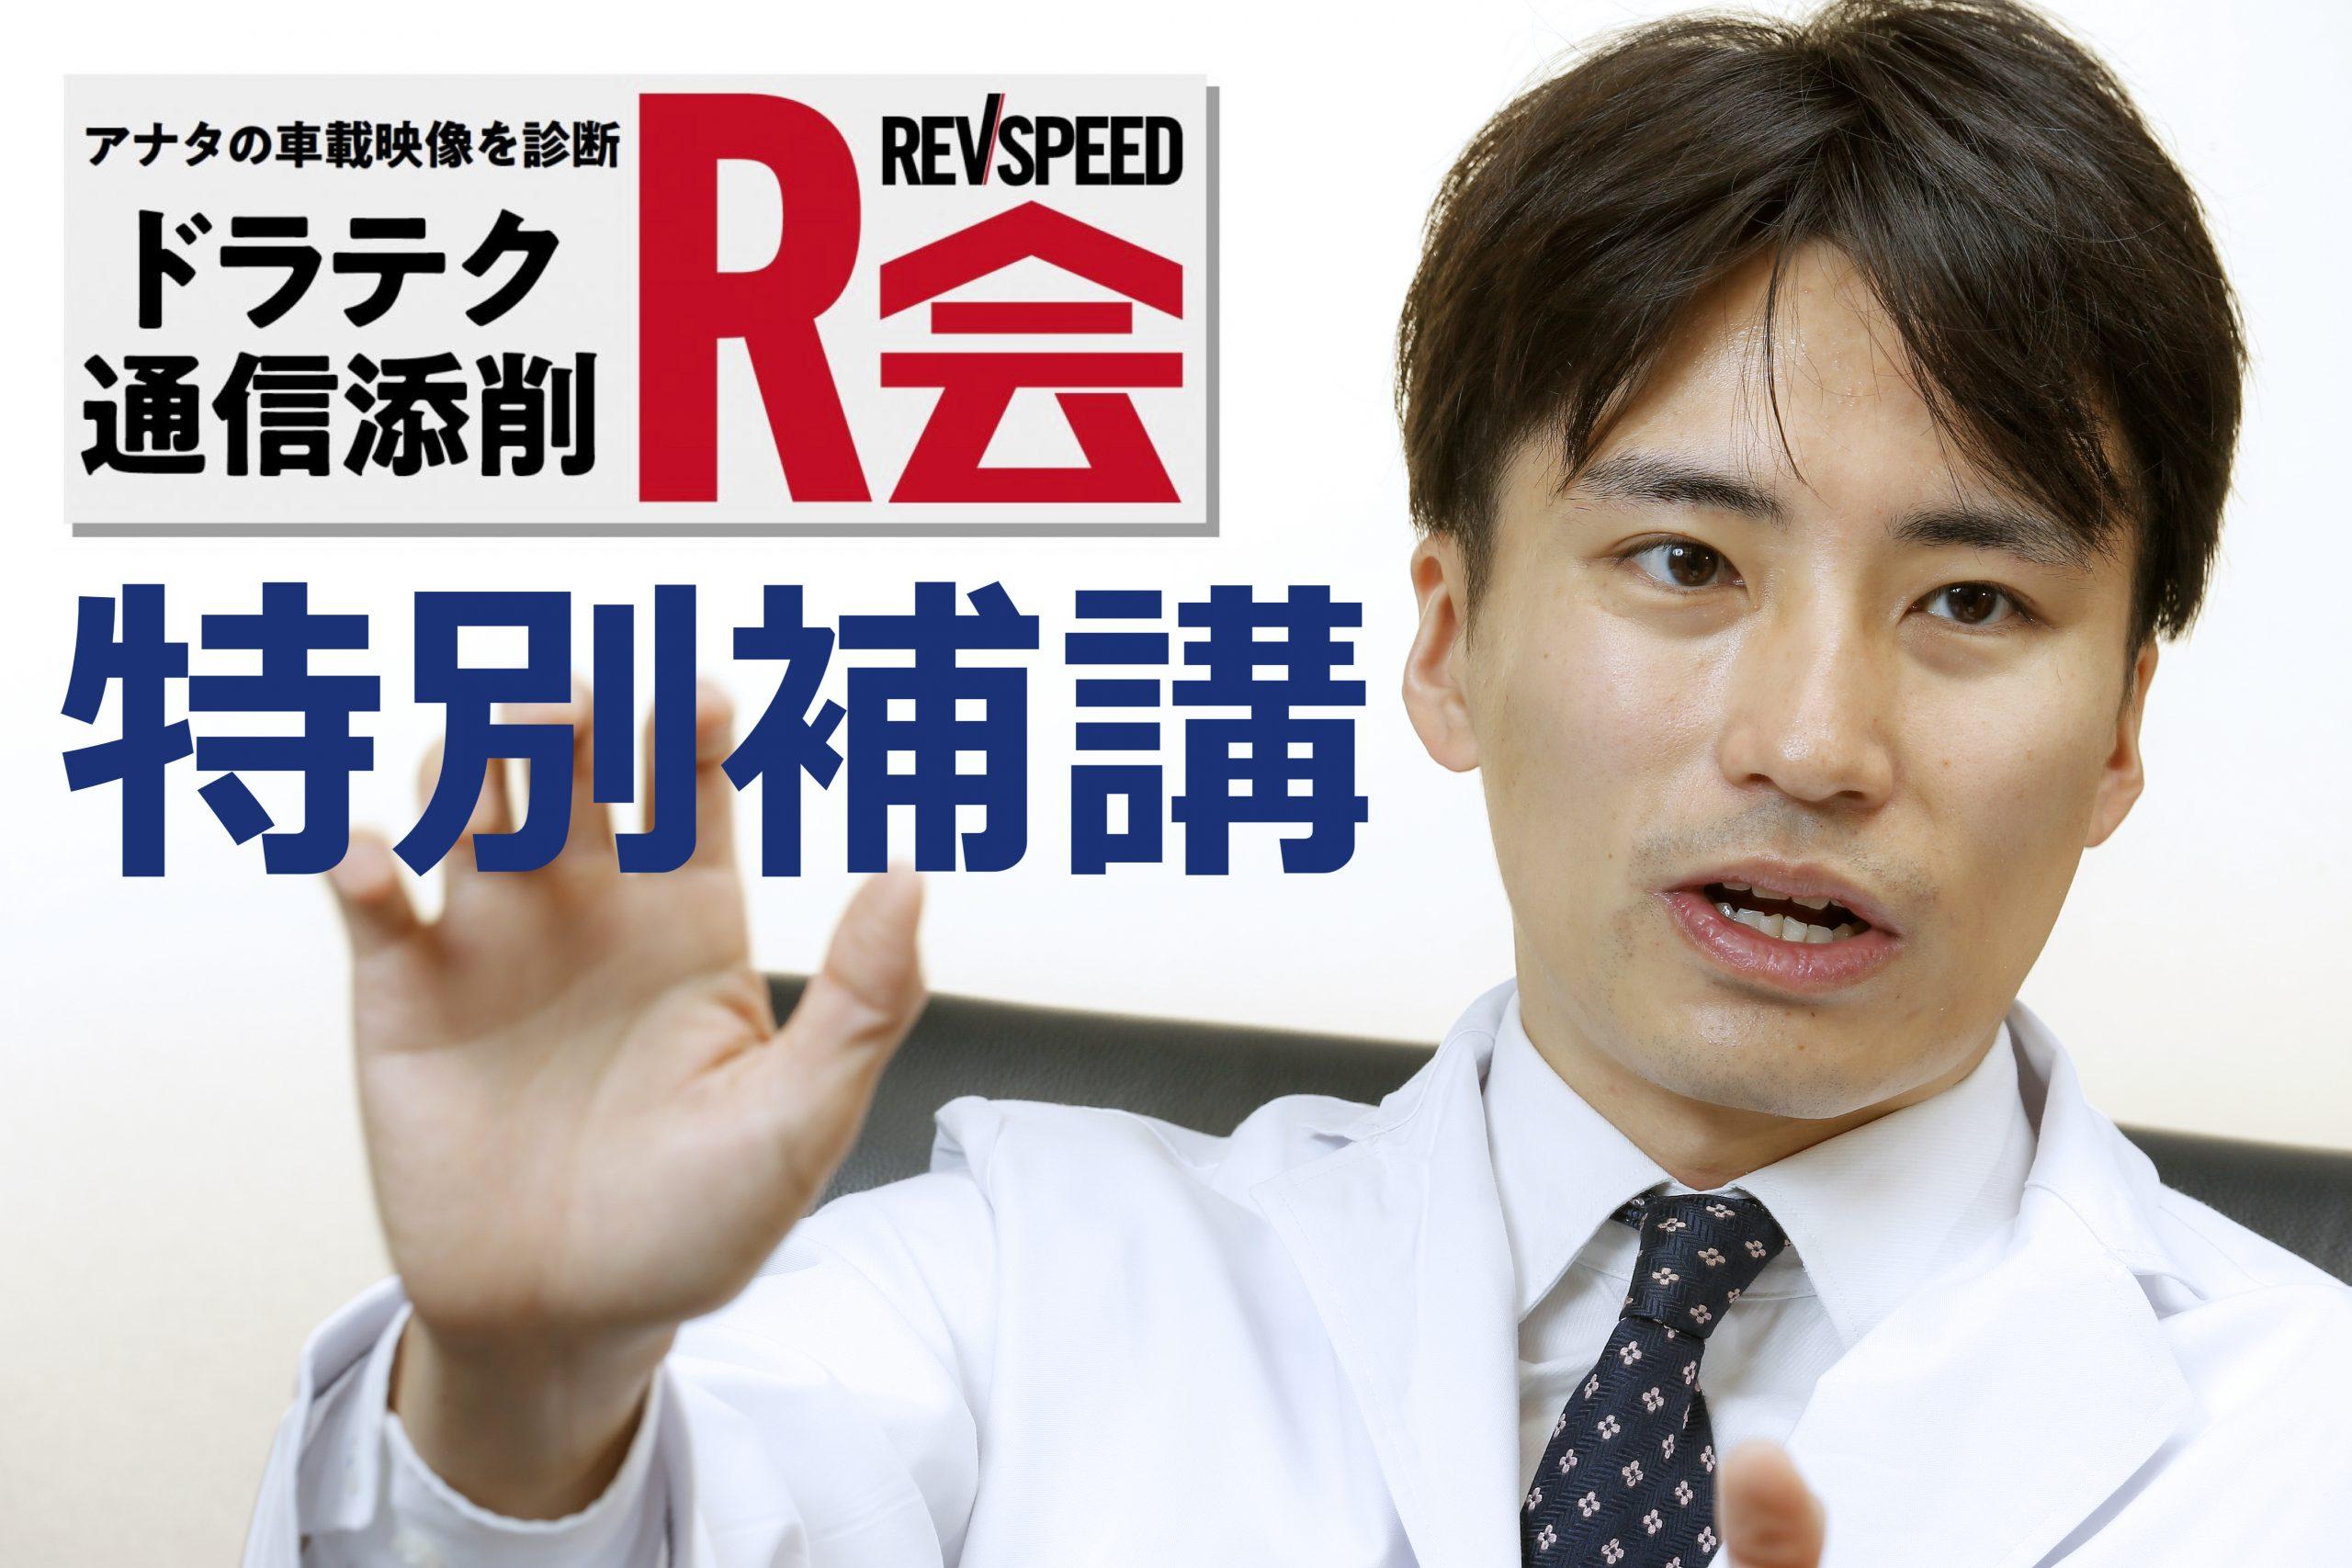 レブスピードのドラテク通信添削『R会』 梅田 剛講師による特別補講〜コーナーは手前の直線から始まっている〜